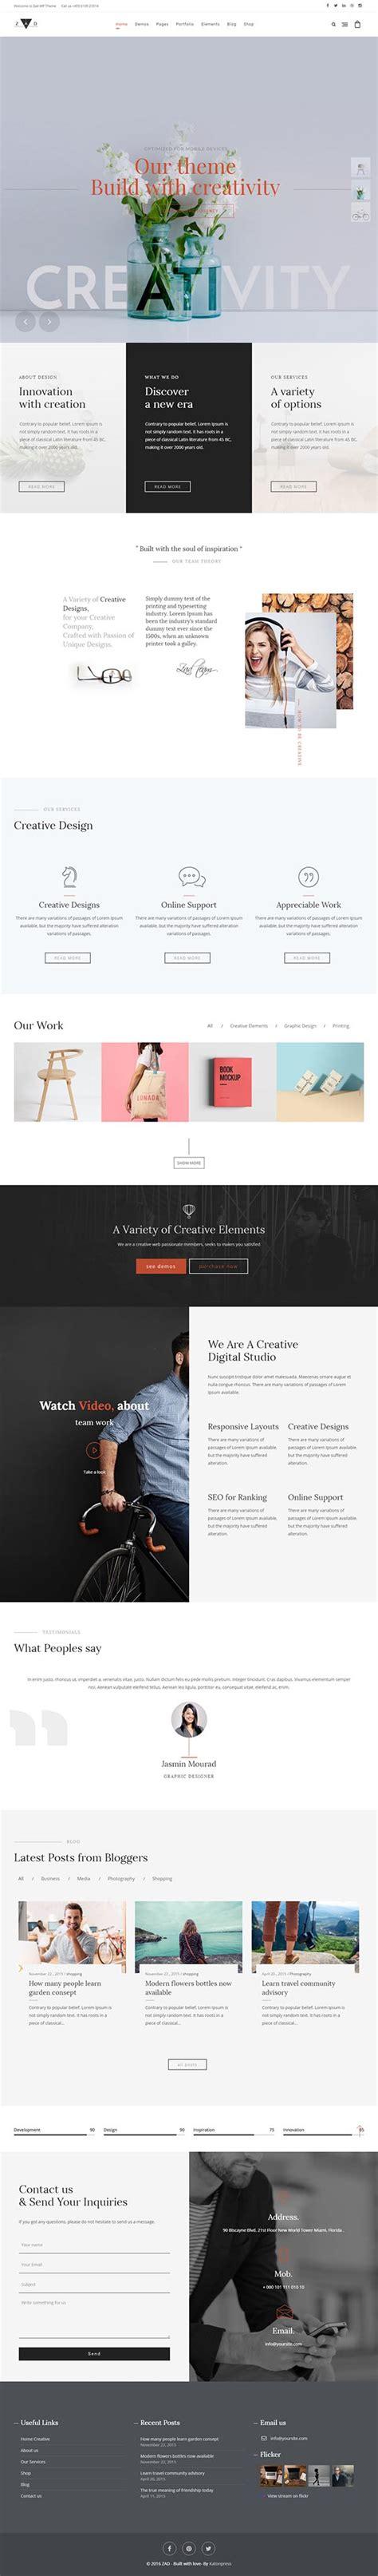 wordpress unique layout zad the unique multiuse theme wordpress themes